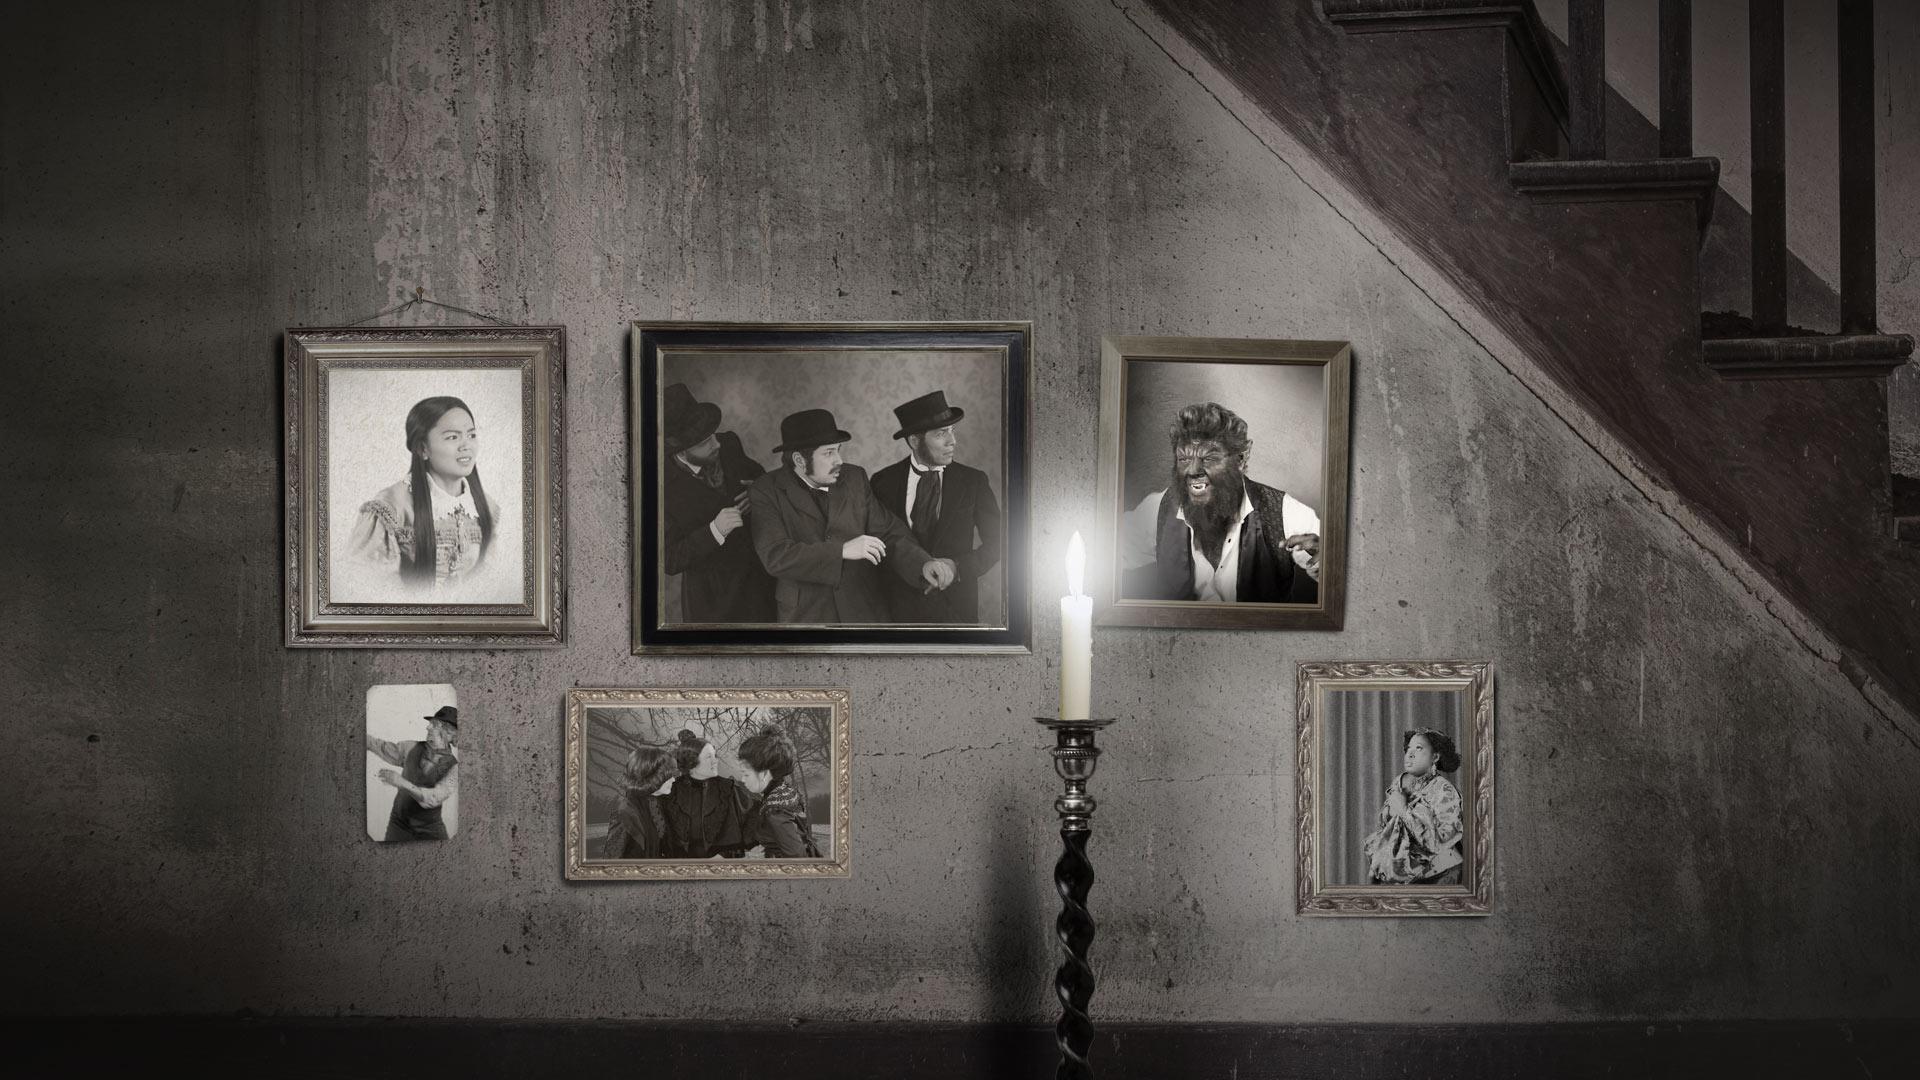 Fondos de pantalla : monocromo, fotografía, Marcos de cuadros ...